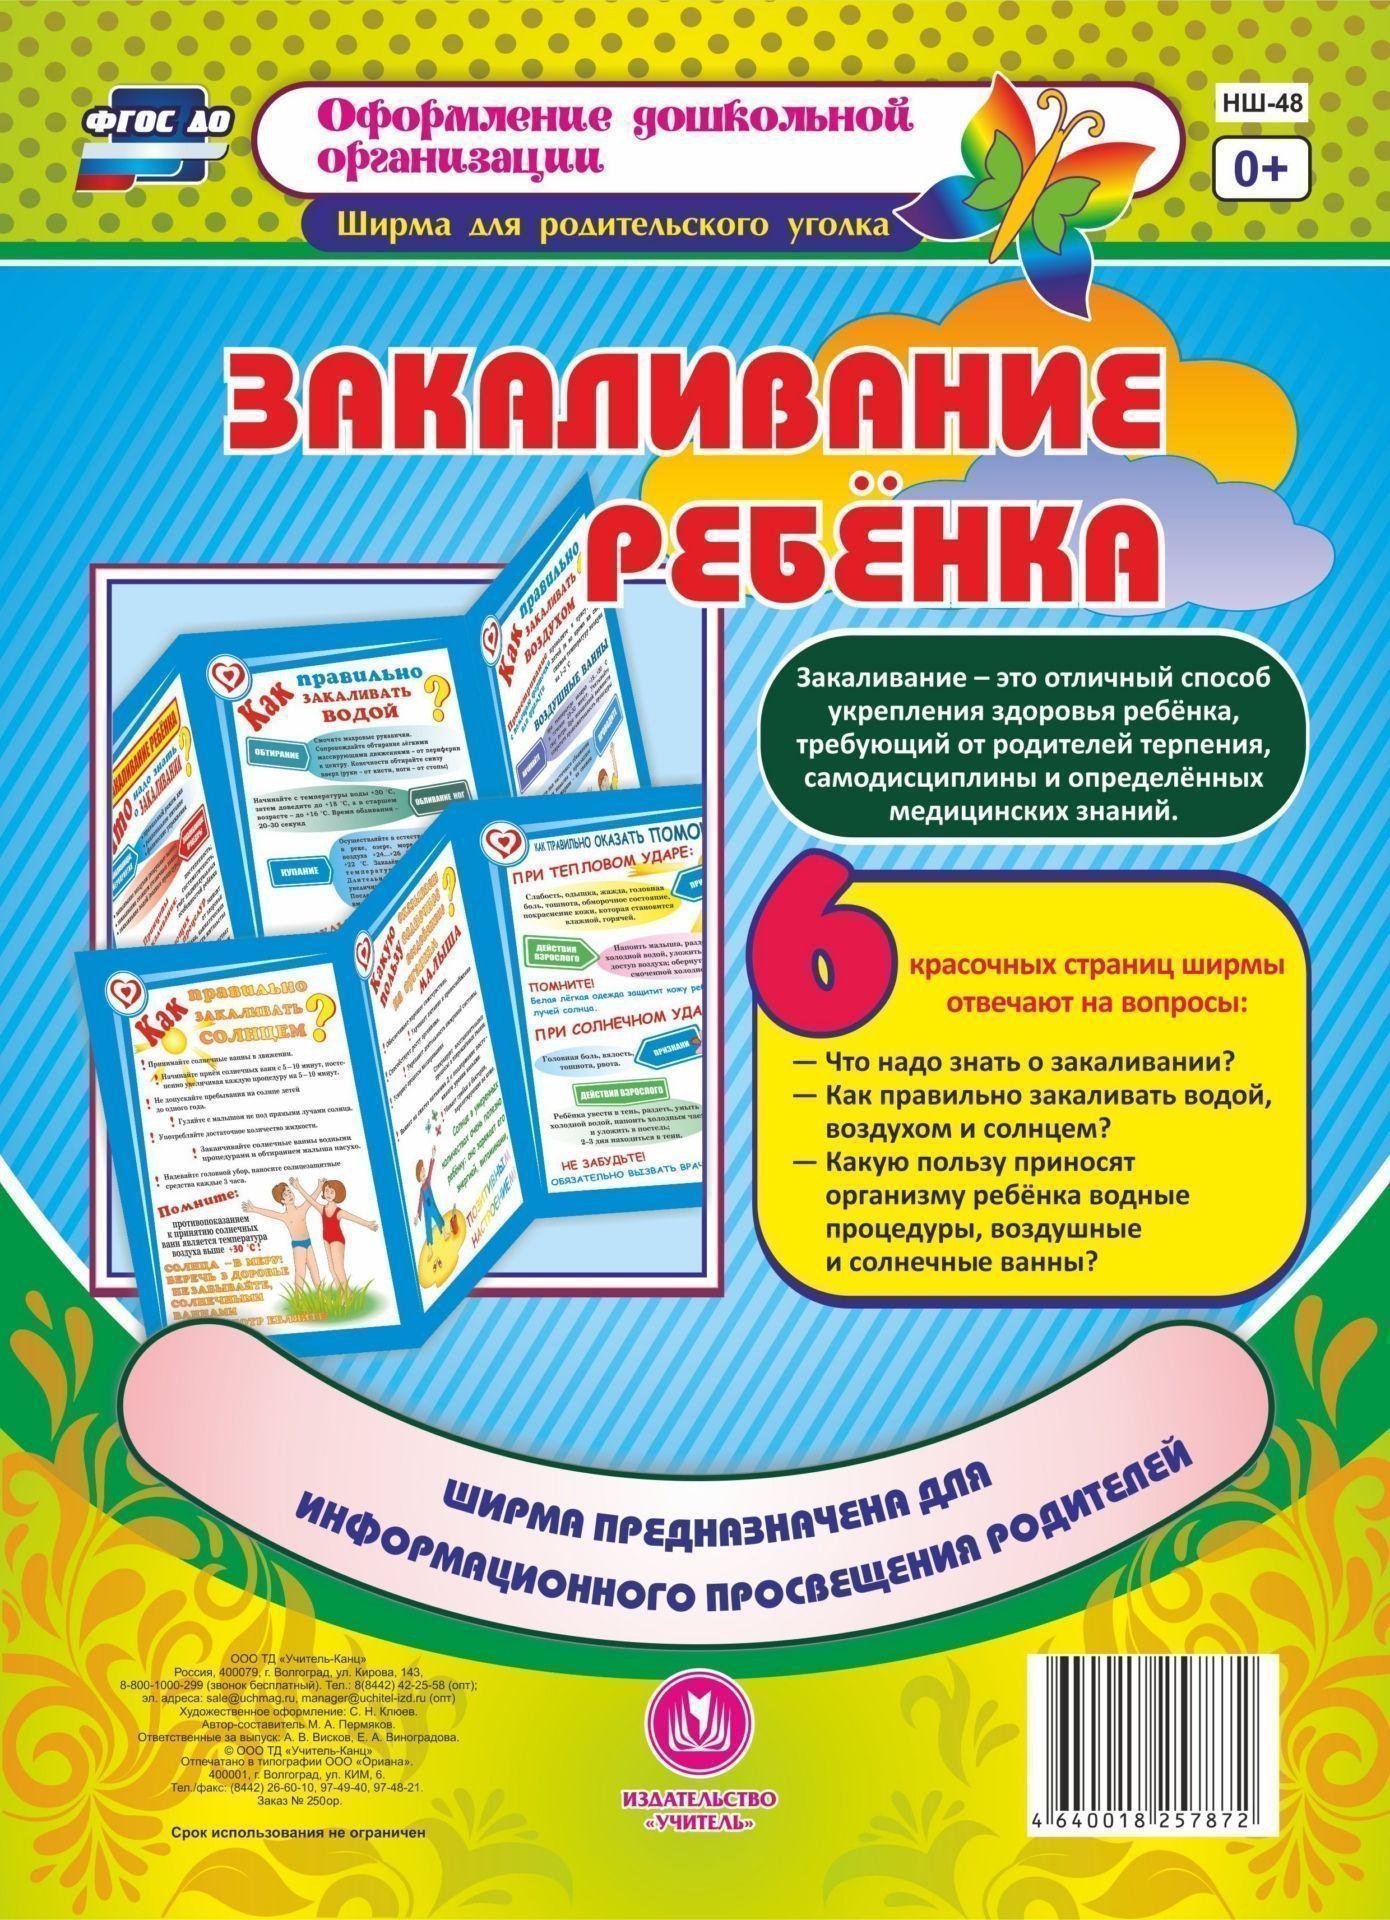 Закаливание ребенкаШирмы с информацией для  родителей и детей<br>Закаливание - это отличный способ укрепления здоровья ребёнка, требующий от родителей терпения, самодисциплины и определённых медицинских знаний.Ширма из 6 красочных страниц для информационного просвещения родителей содержит ответы на вопросы:- Что надо з...<br><br>Авторы: Пермякова Е. А.<br>Год: 2017<br>Серия: Оформление дошкольной организации. Ширма для родительского уголка<br>Высота: 280<br>Ширина: 200<br>Толщина: 3<br>Переплёт: ширмы